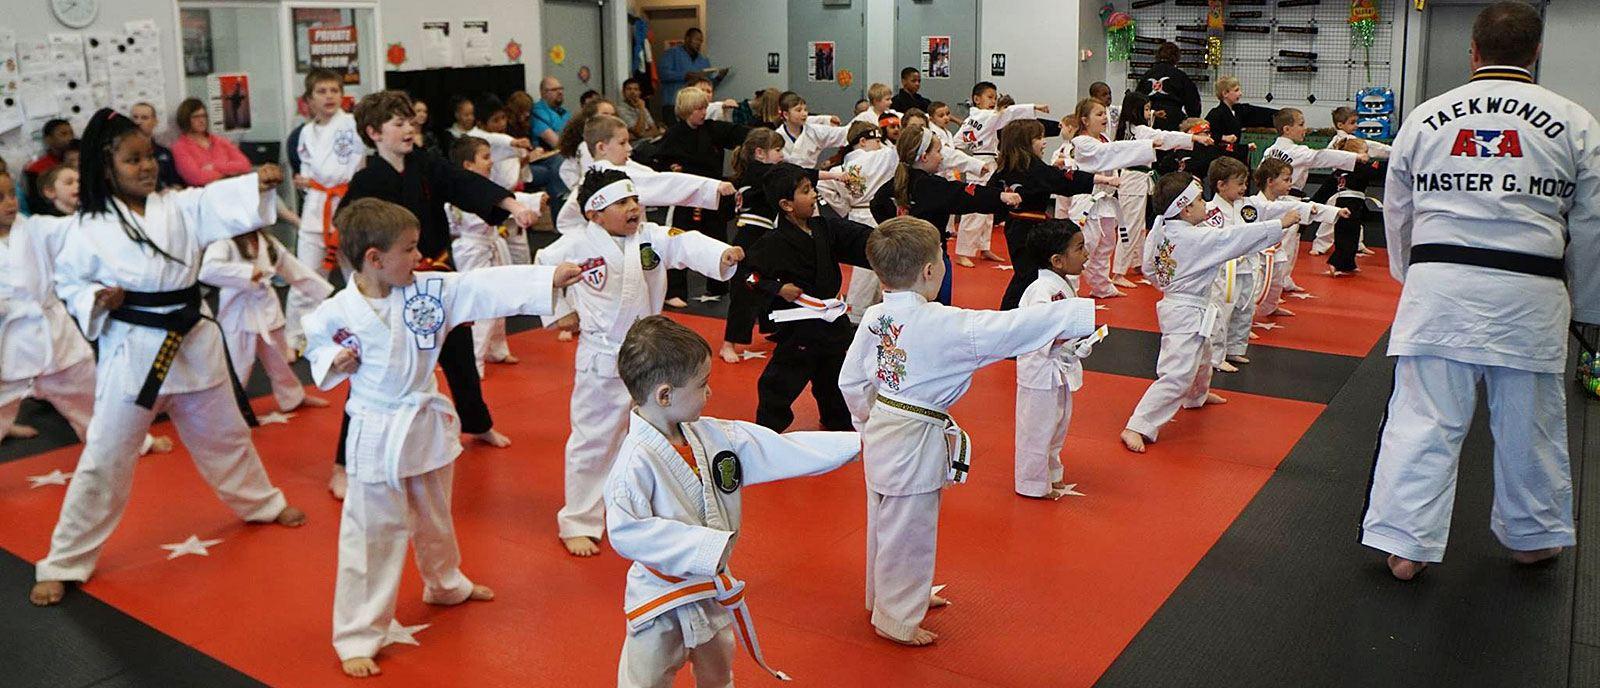 Karate Built Grand Rapids kids class